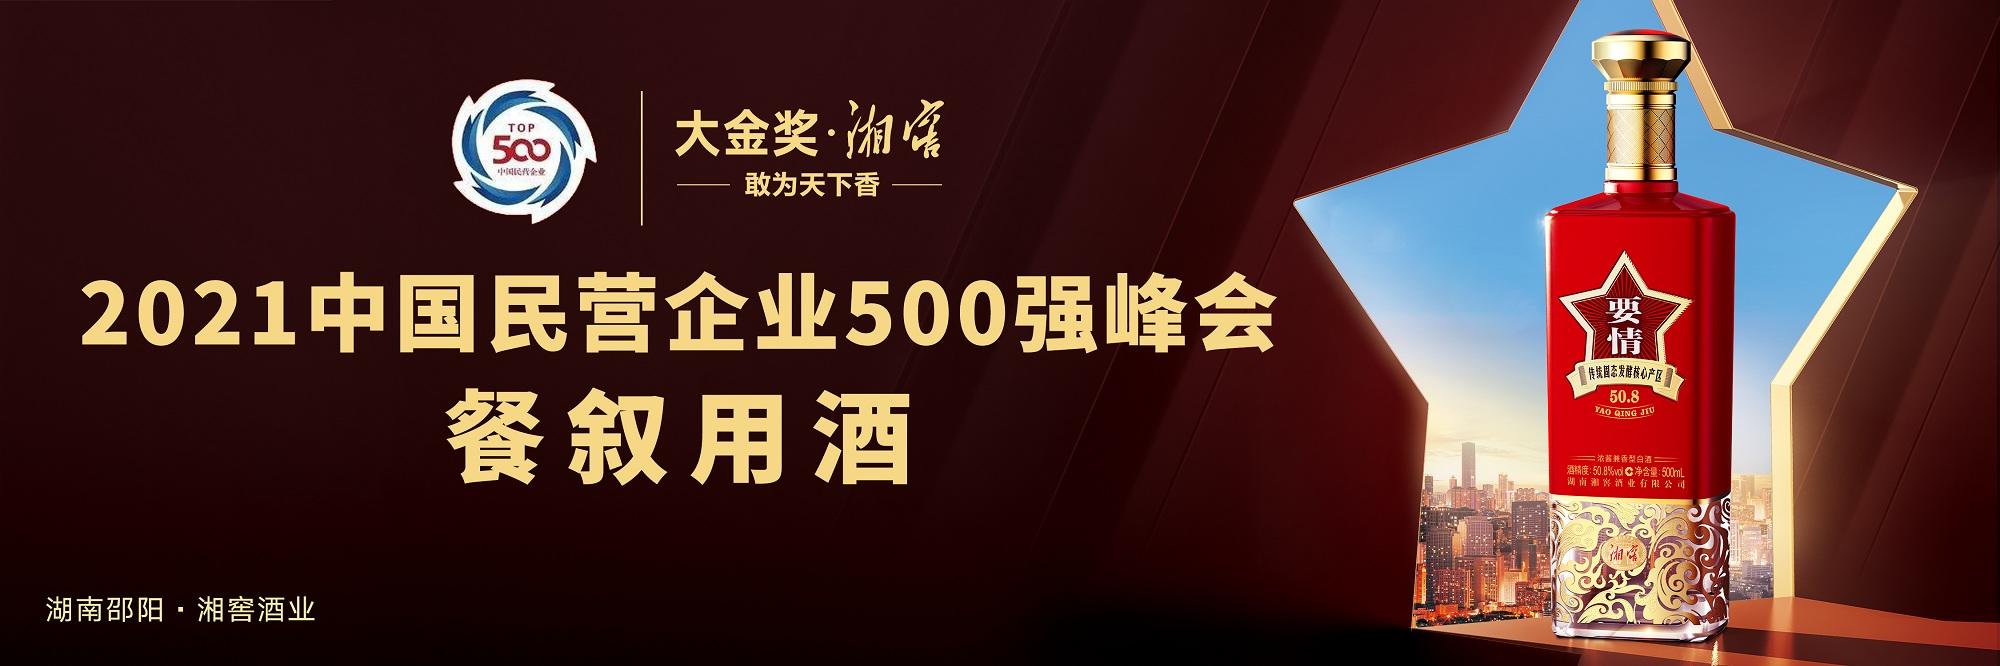 湘窖成为2021中国民营企业500强峰会餐叙用酒